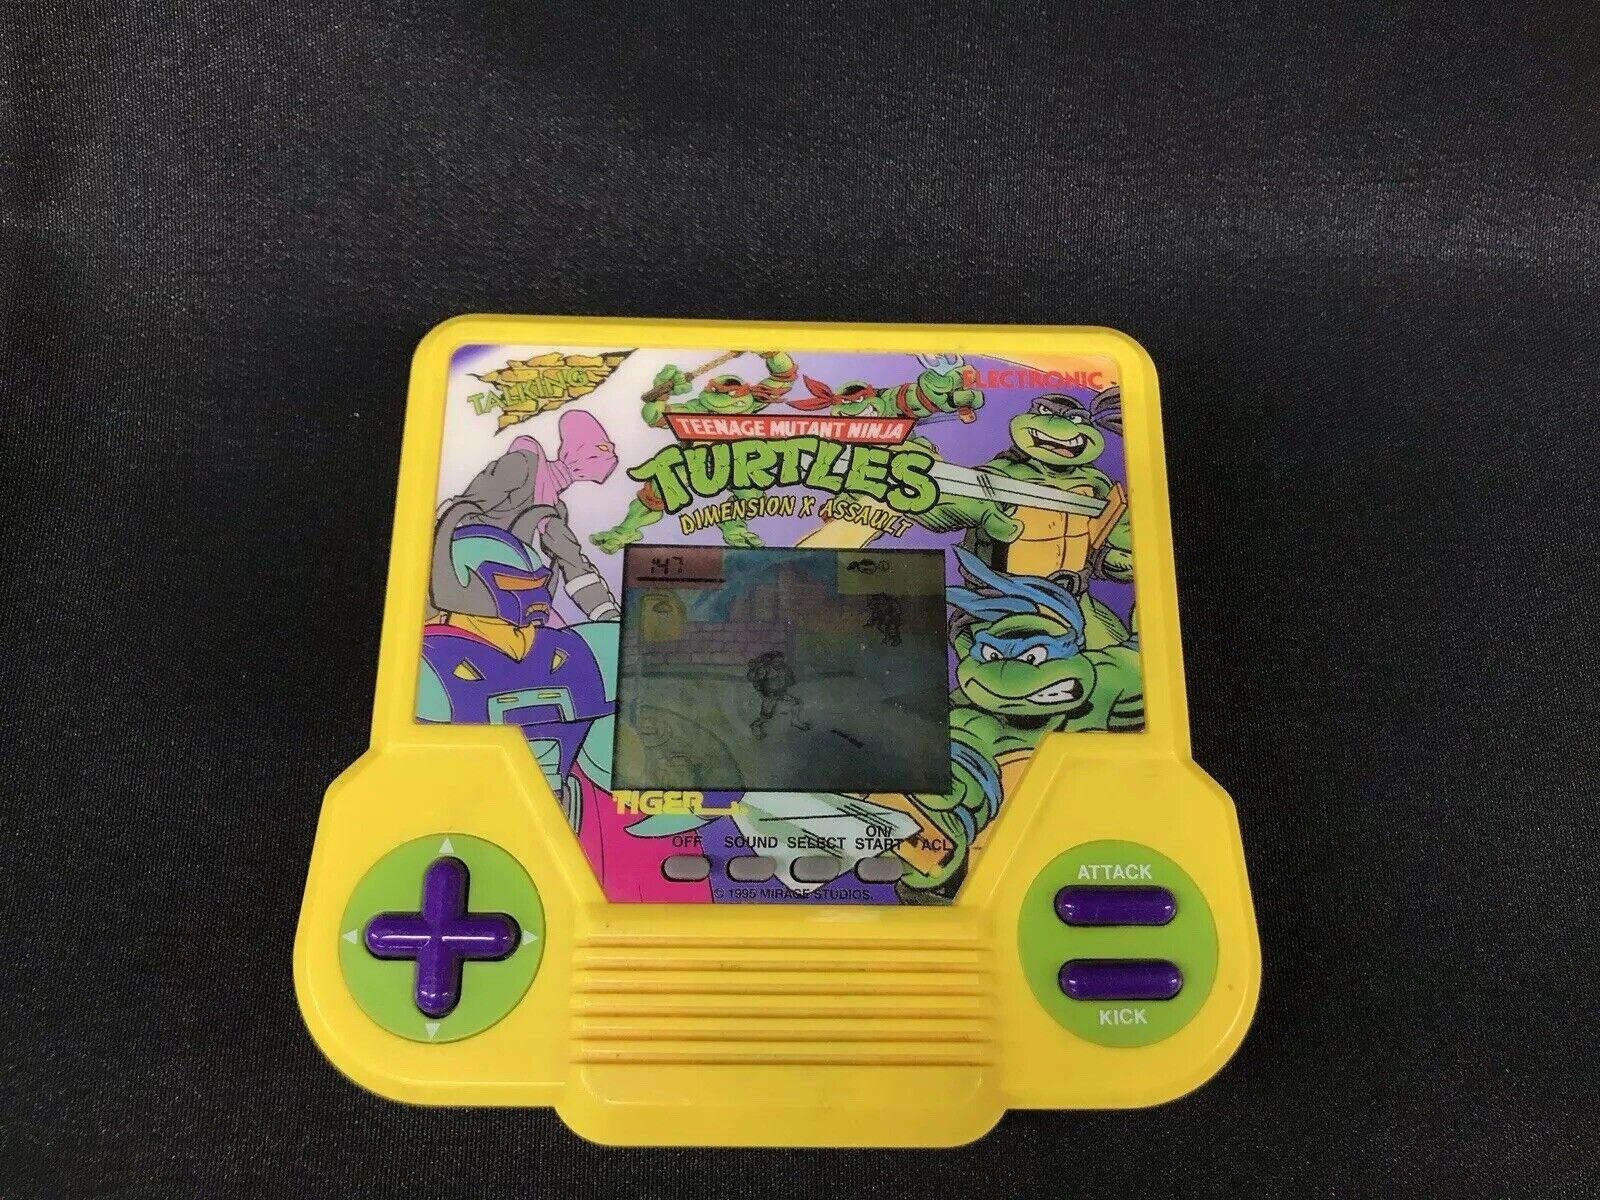 descuento de bajo precio Tmnt Dimension X asalto Tigre de de de mano Teenage Mutant Ninja Turtles no hay sonido  clásico atemporal